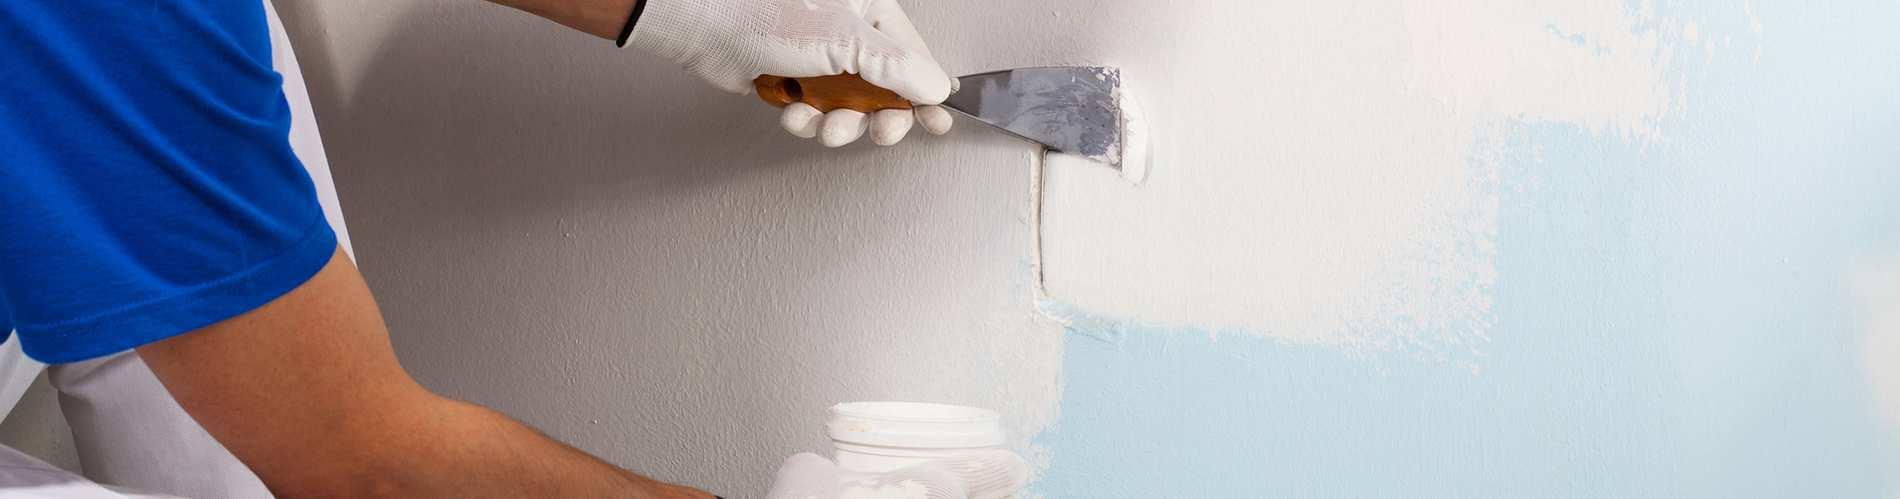 Nos Conseils Pour Cacher Les Imperfections Des Murs Bricofamily